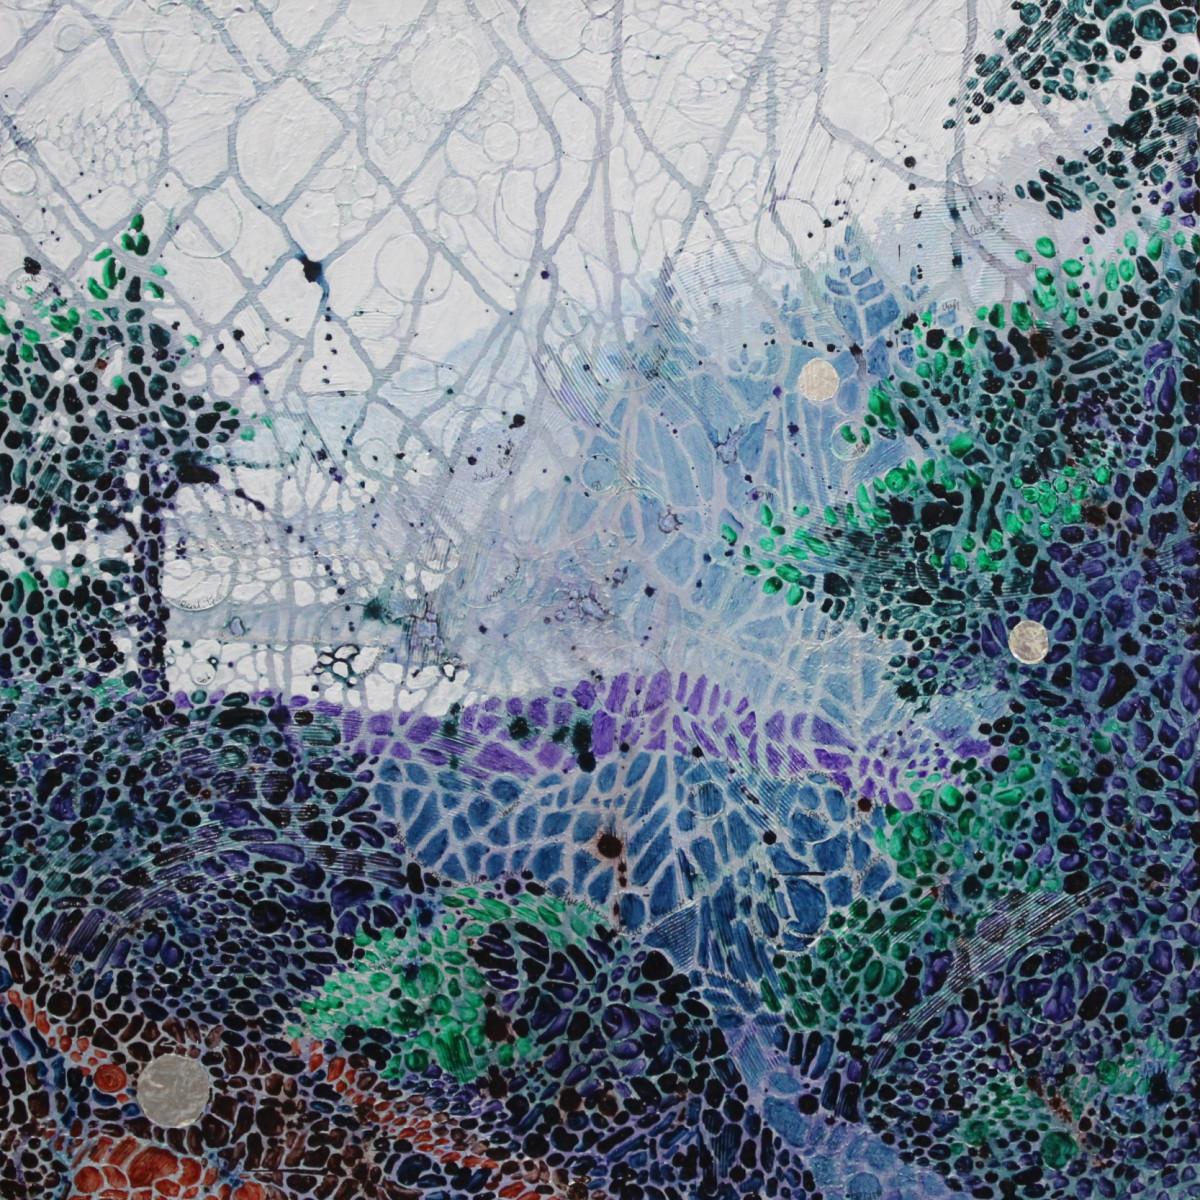 Mists/brume